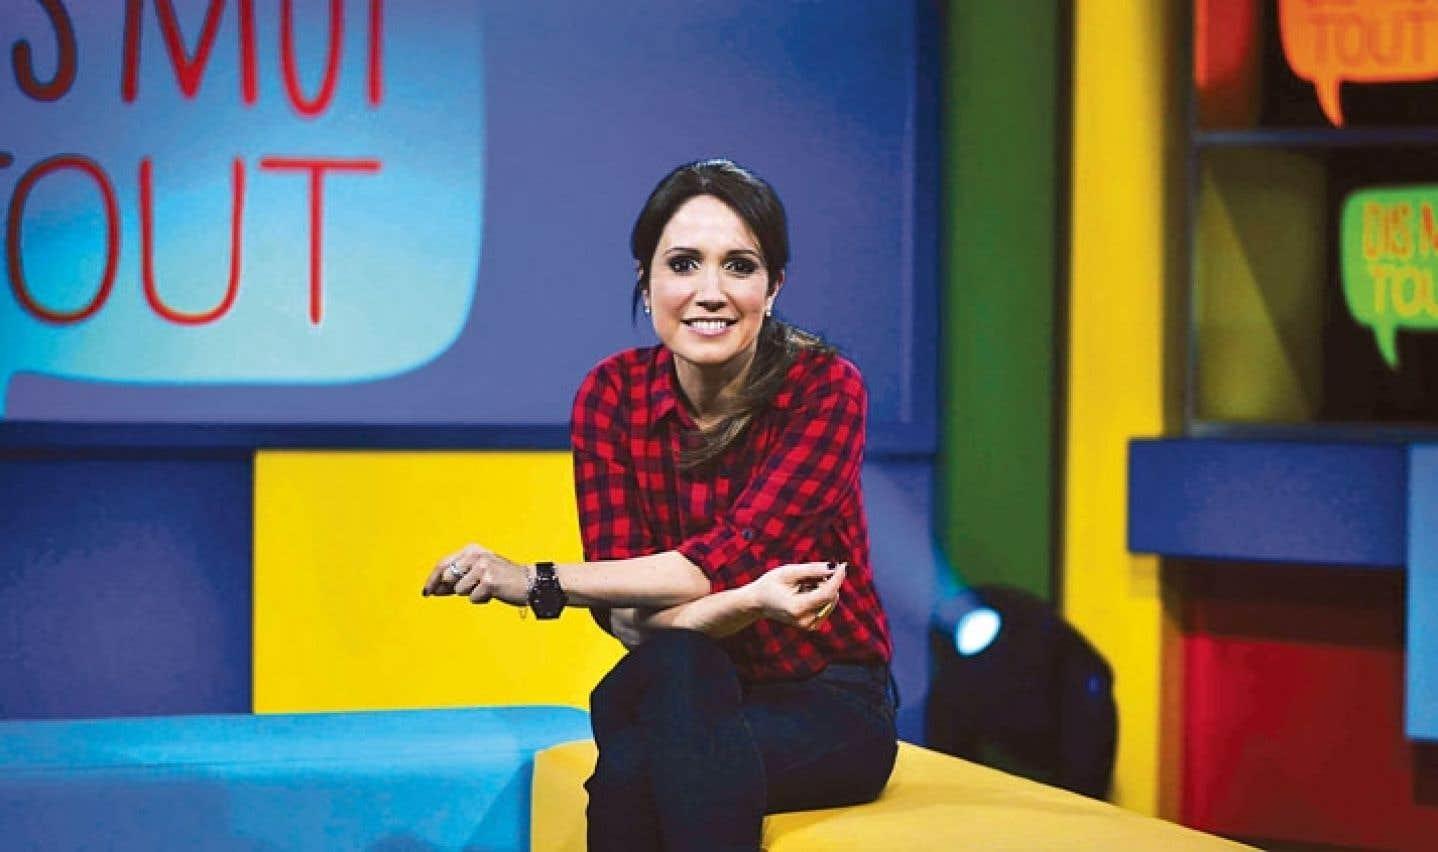 L'animatrice France Beaudoin agira comme médiatrice et encadrera des élèves du primaire dans l'émission Dis-moi tout.